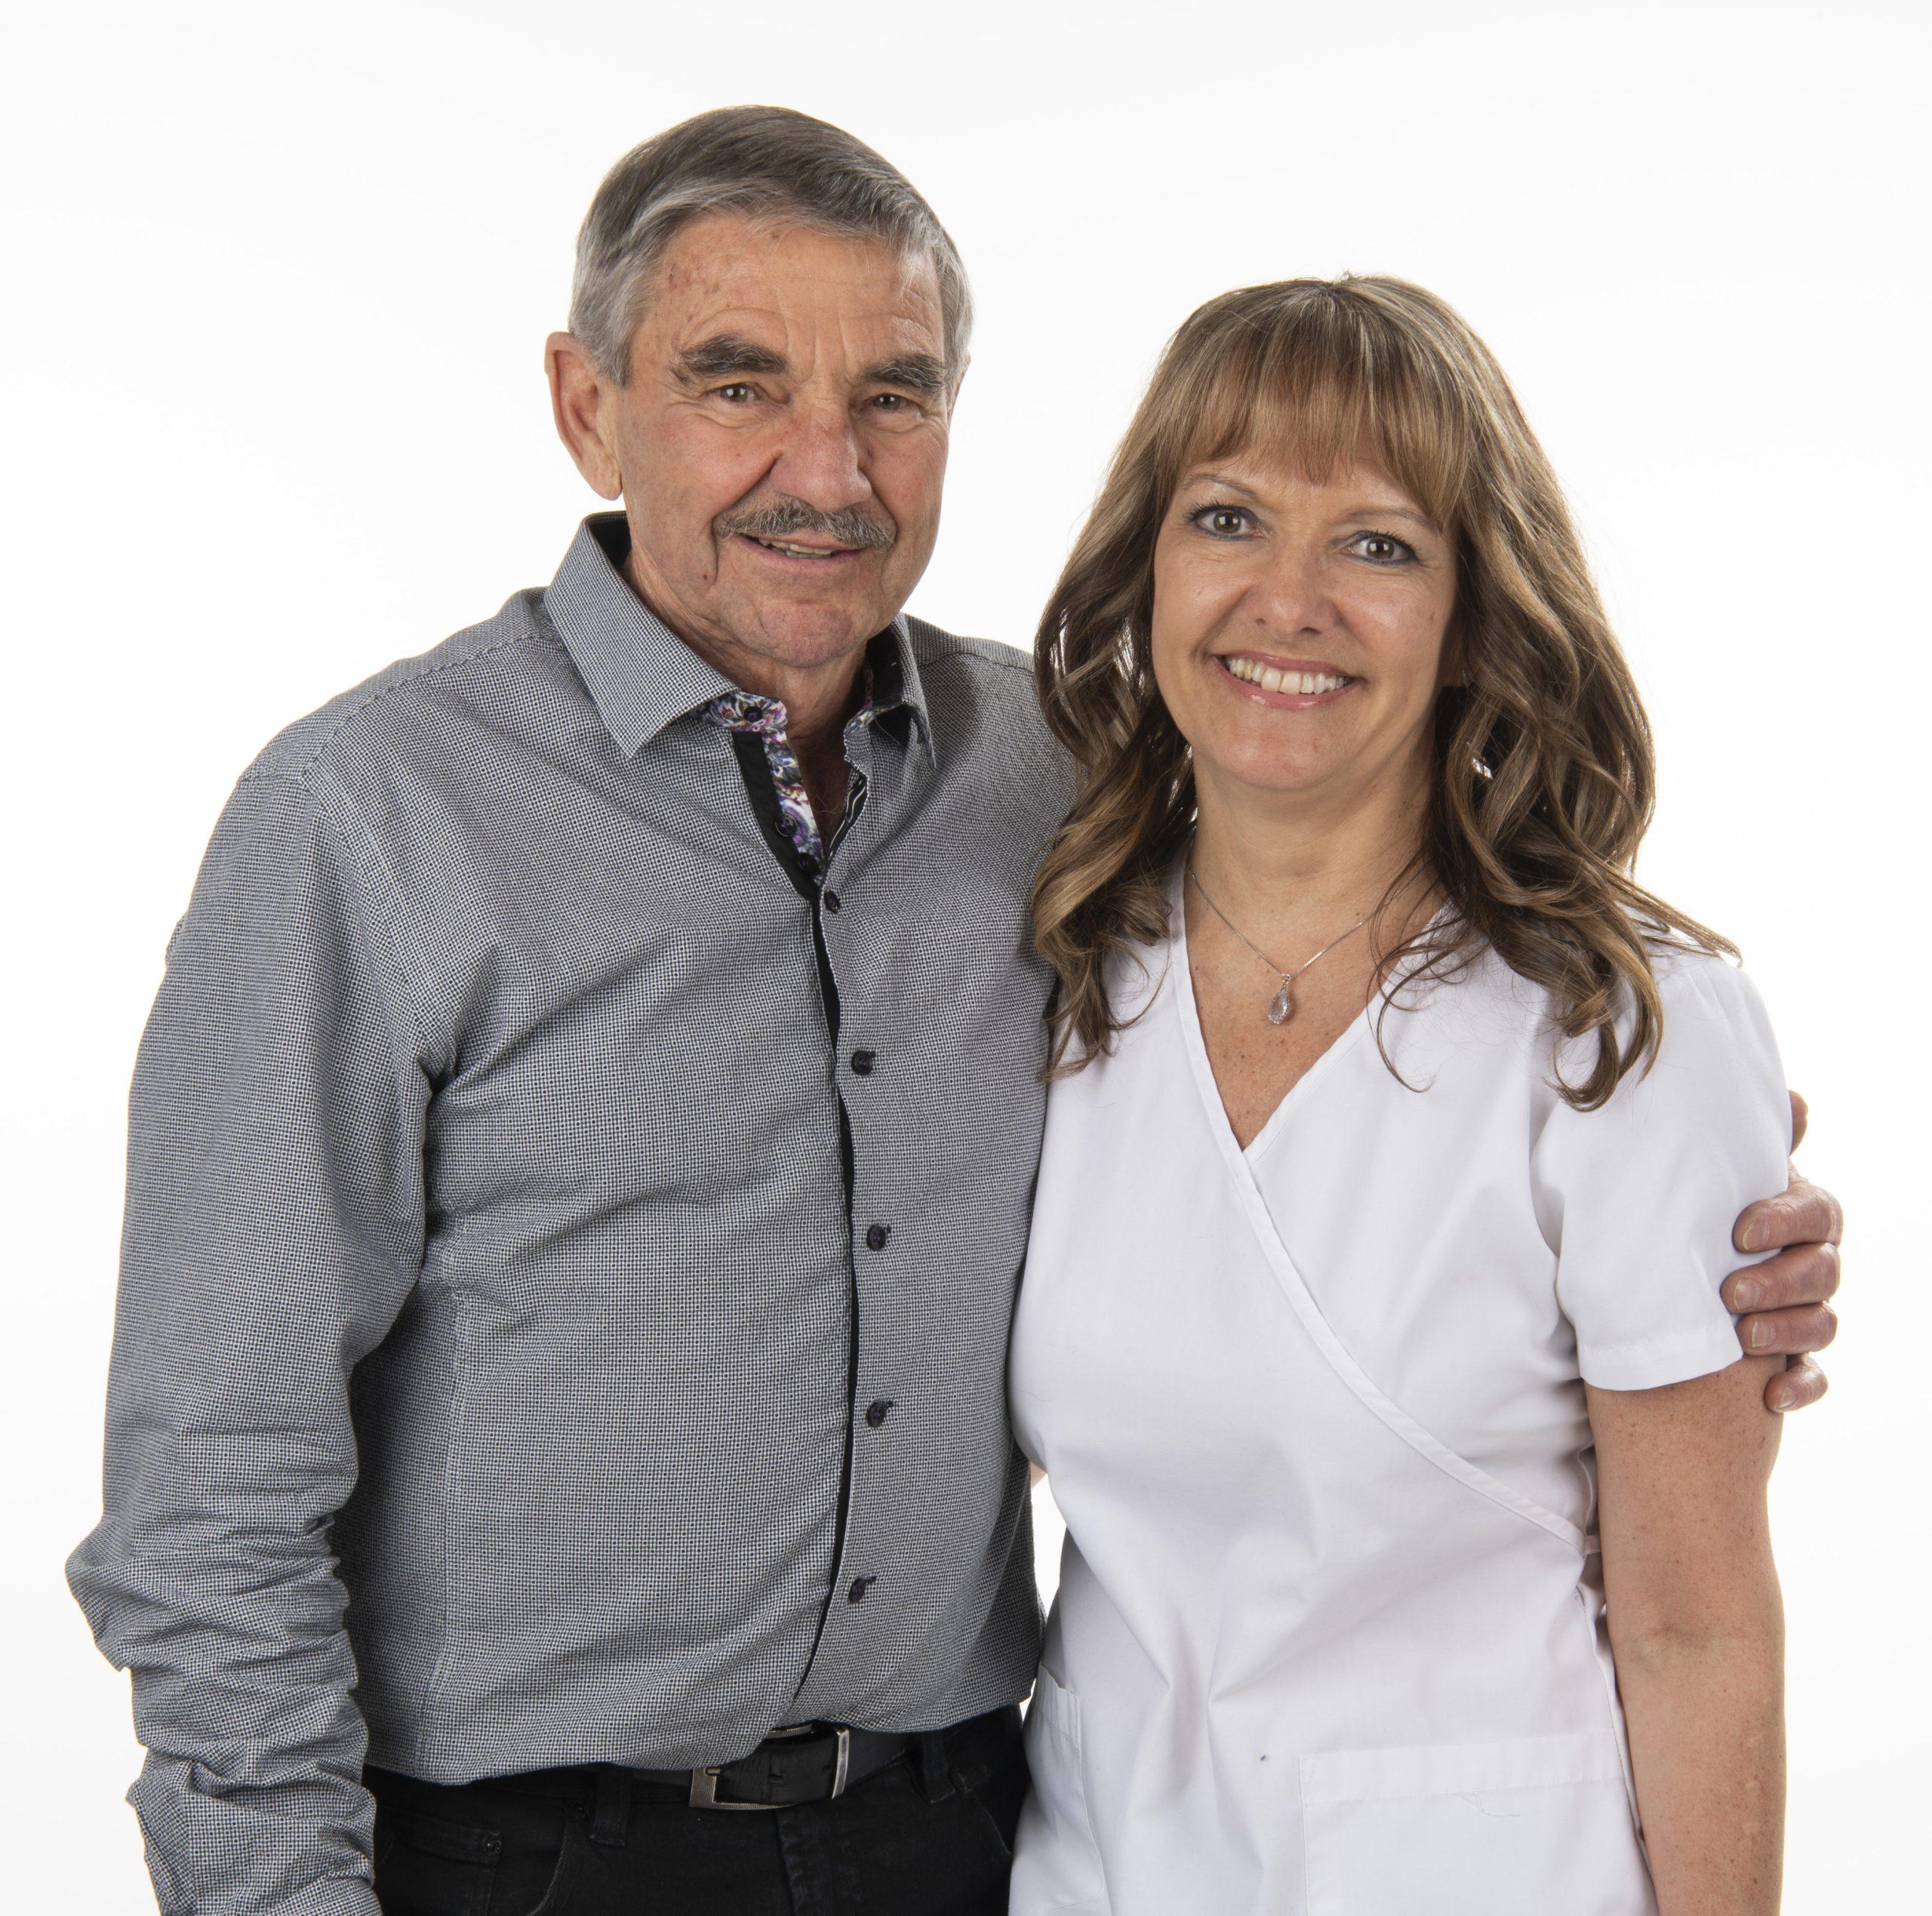 Photo de Raynald Arsenault, bénévole de la Fondation de l'Hôpital Maisonneuve-Rosemont, et Sonia Sasseville, infirmière à l'HMR